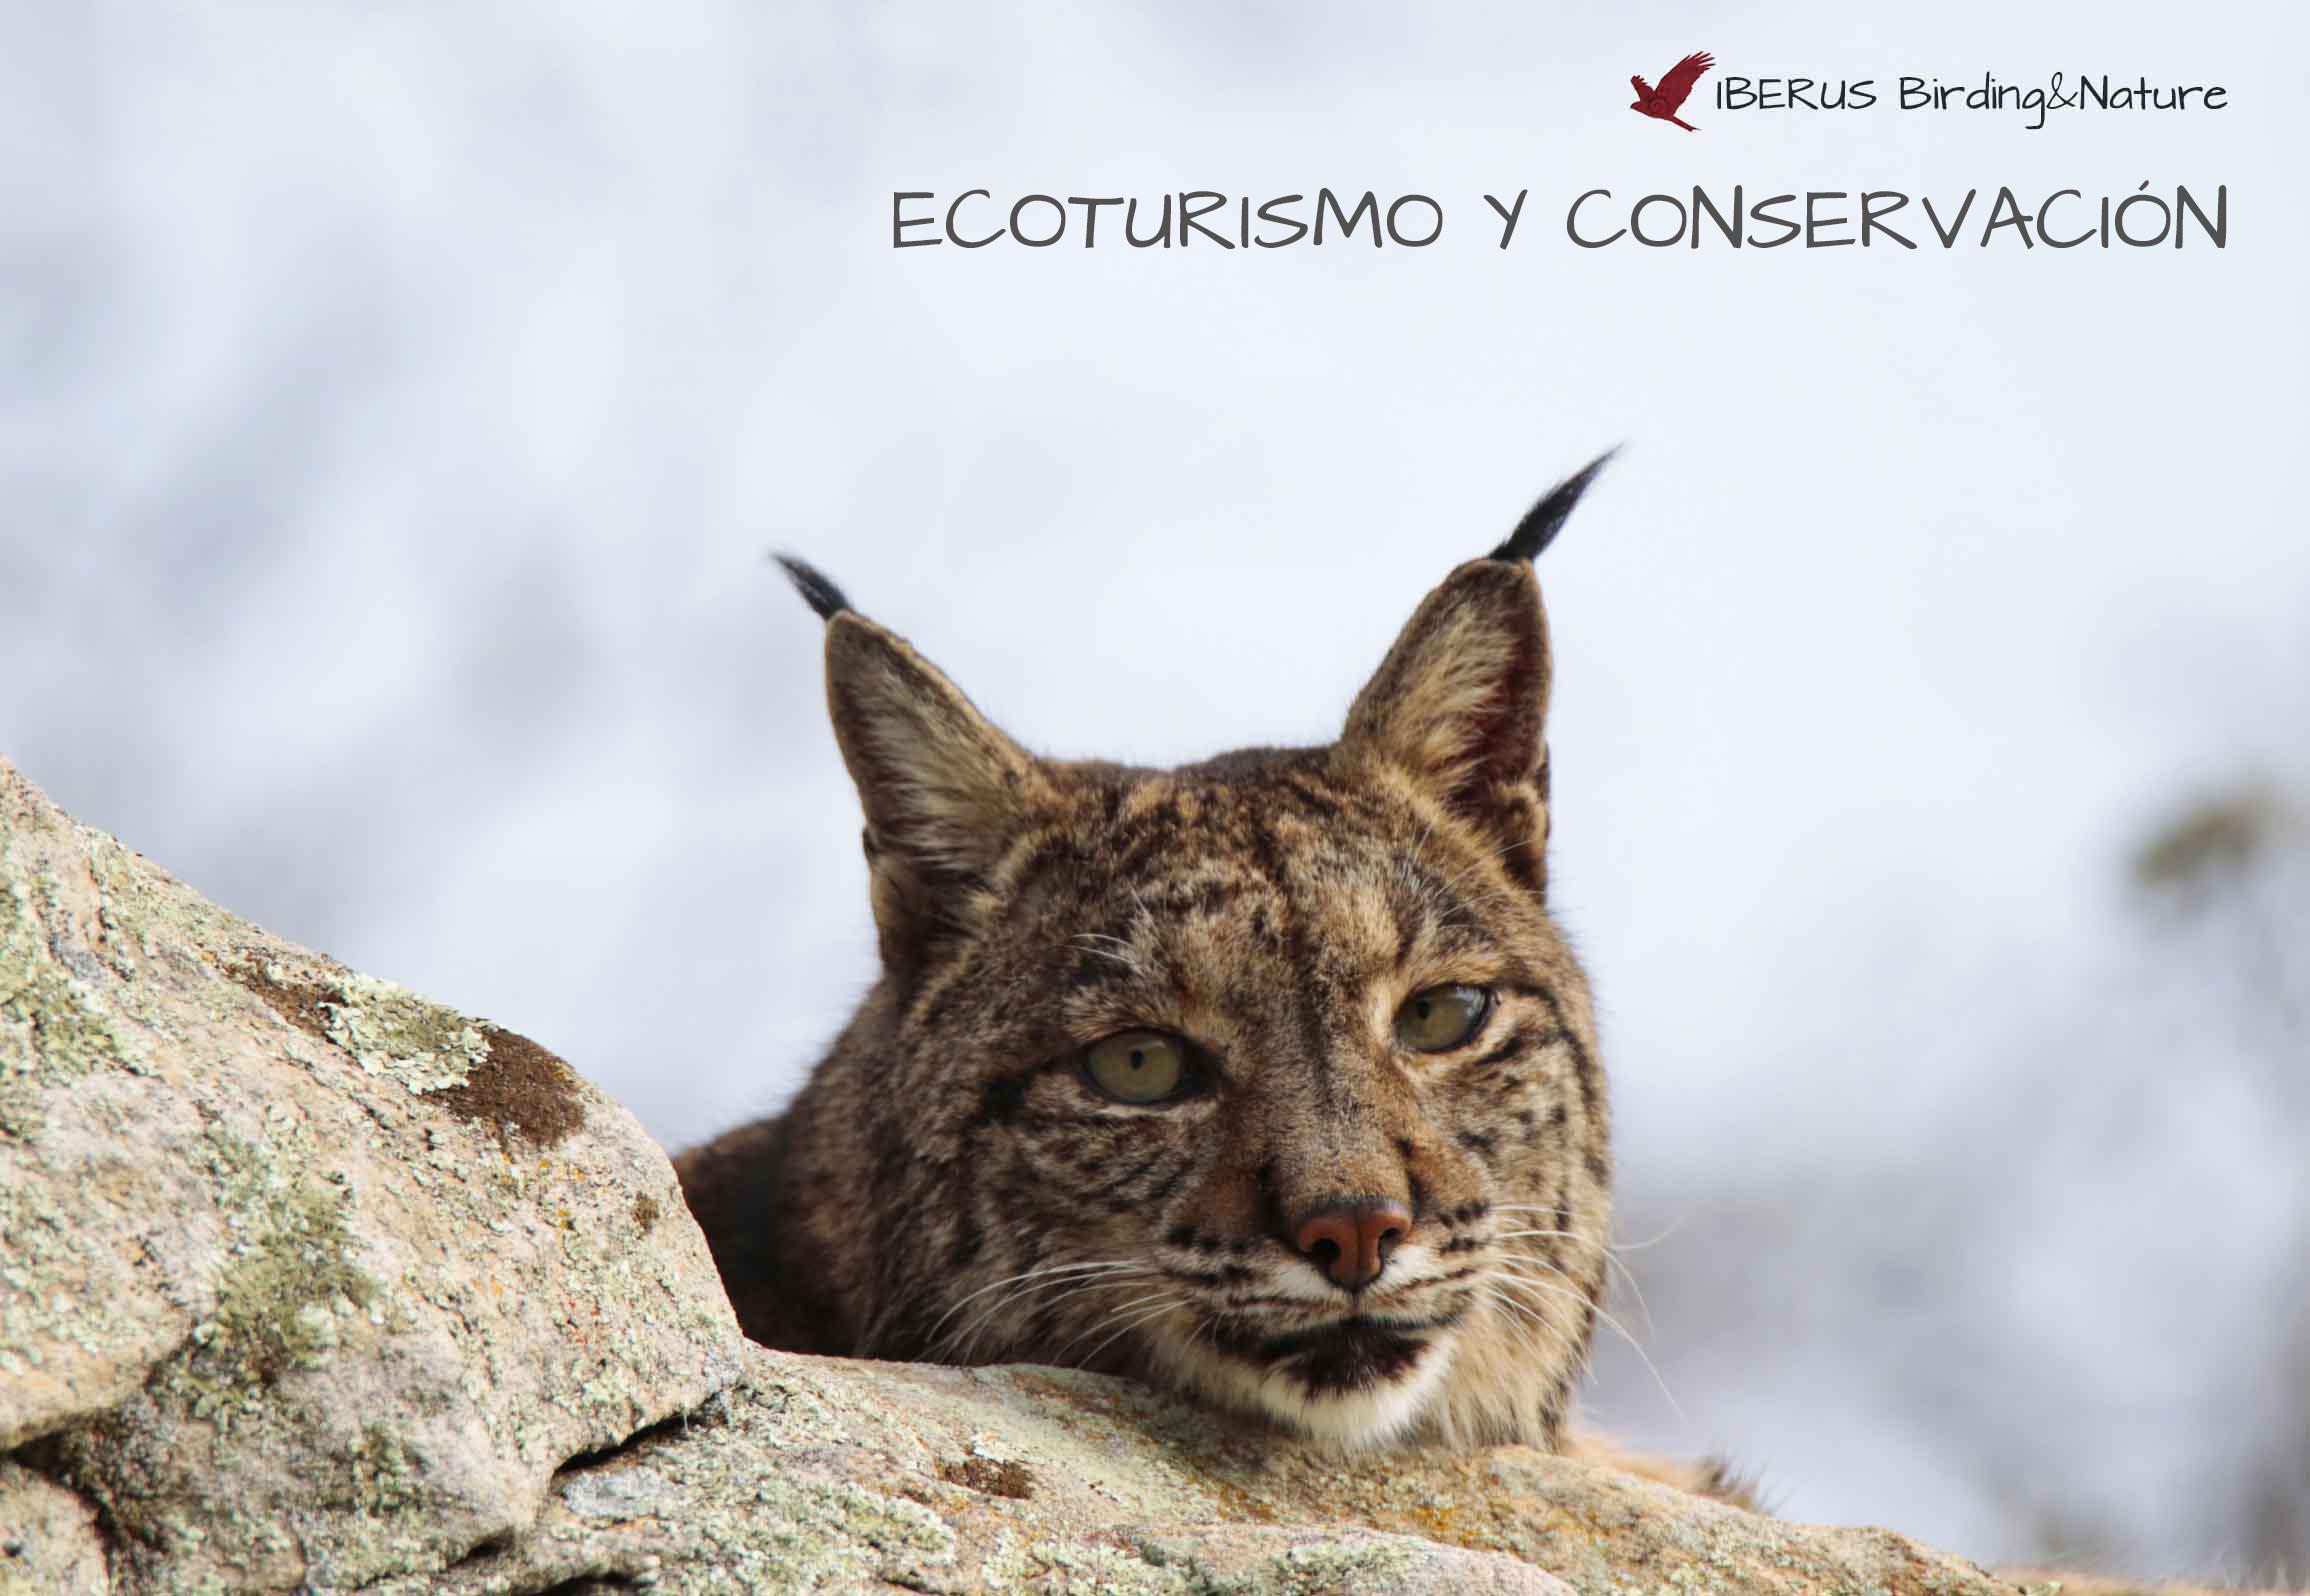 Iberus Birding & Nature